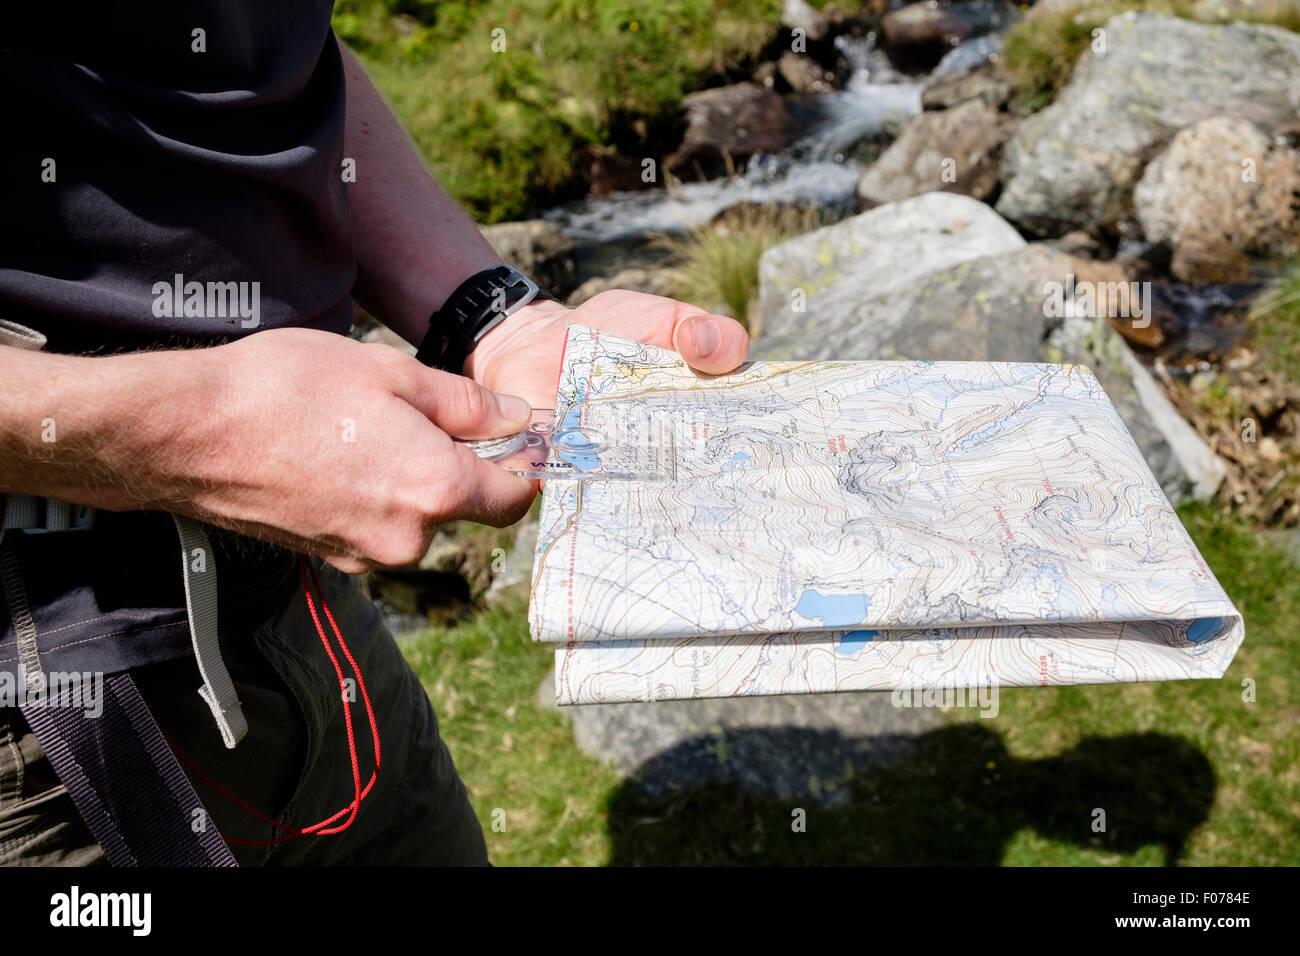 Escursionista tenendo una cartina escursionistica e utilizzando una bussola di navigazione per misurare la distanza Immagini Stock